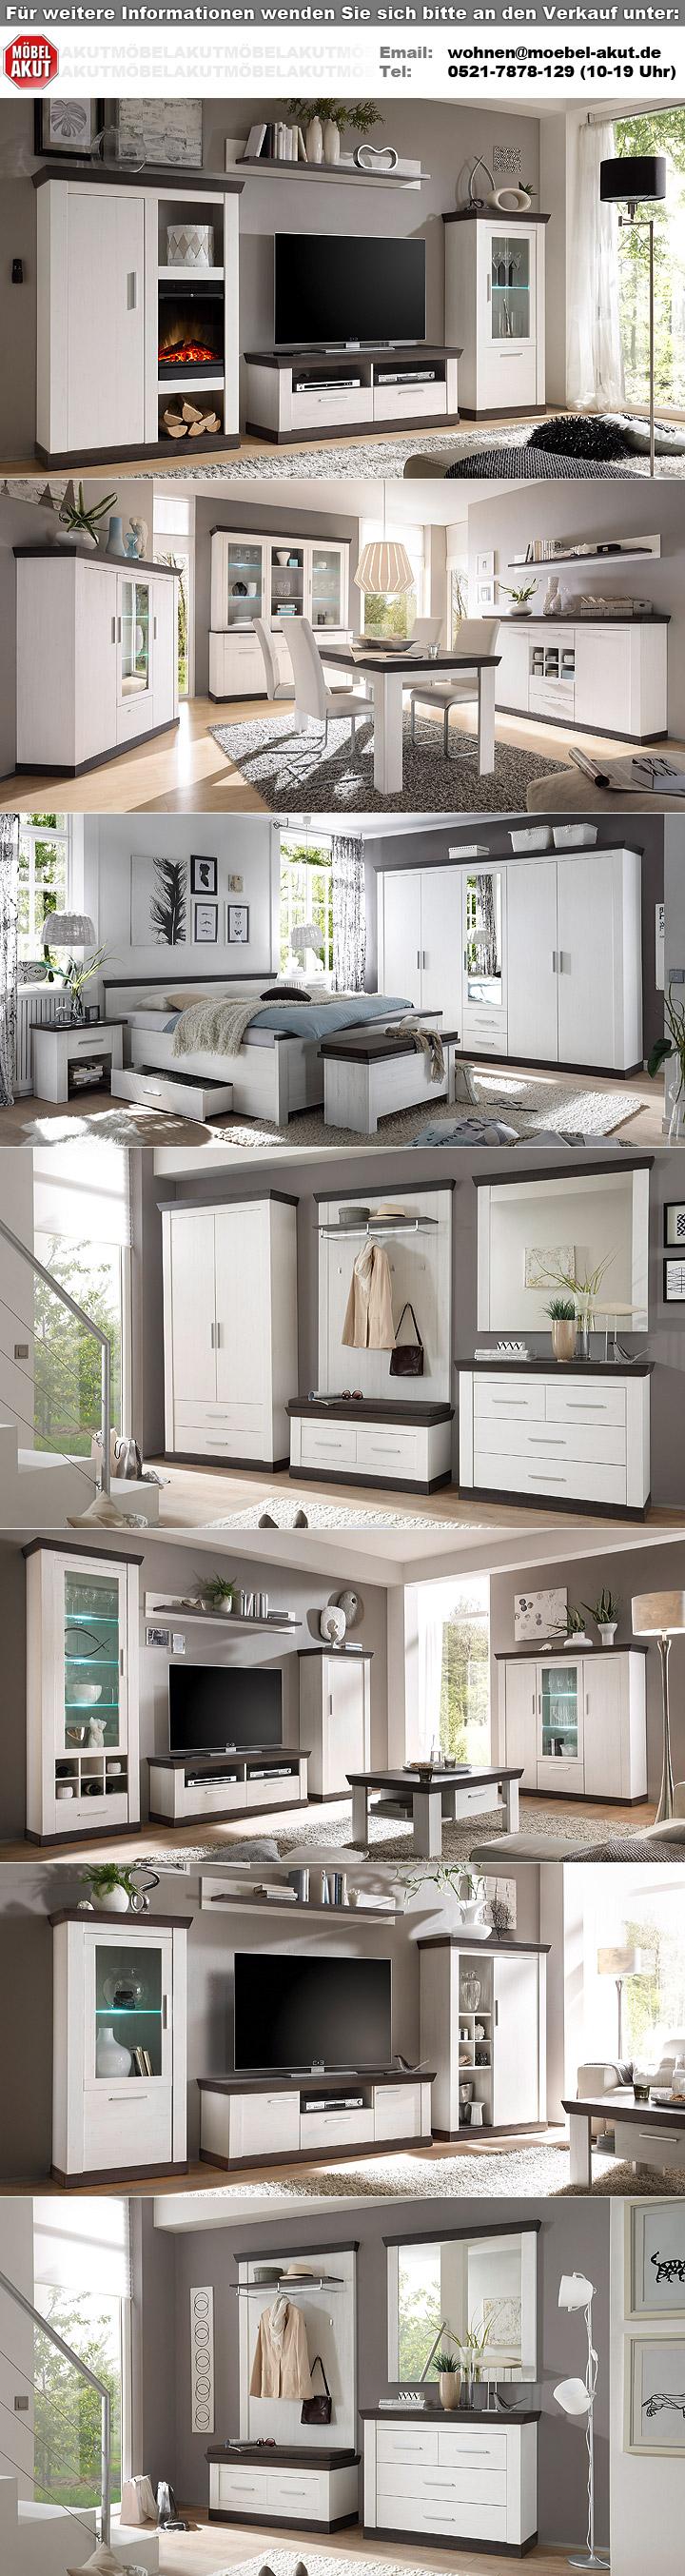 Wohnwand 1 tiena anbauwand wohnzimmer in pinie wei und for Wohnwand 70 euro